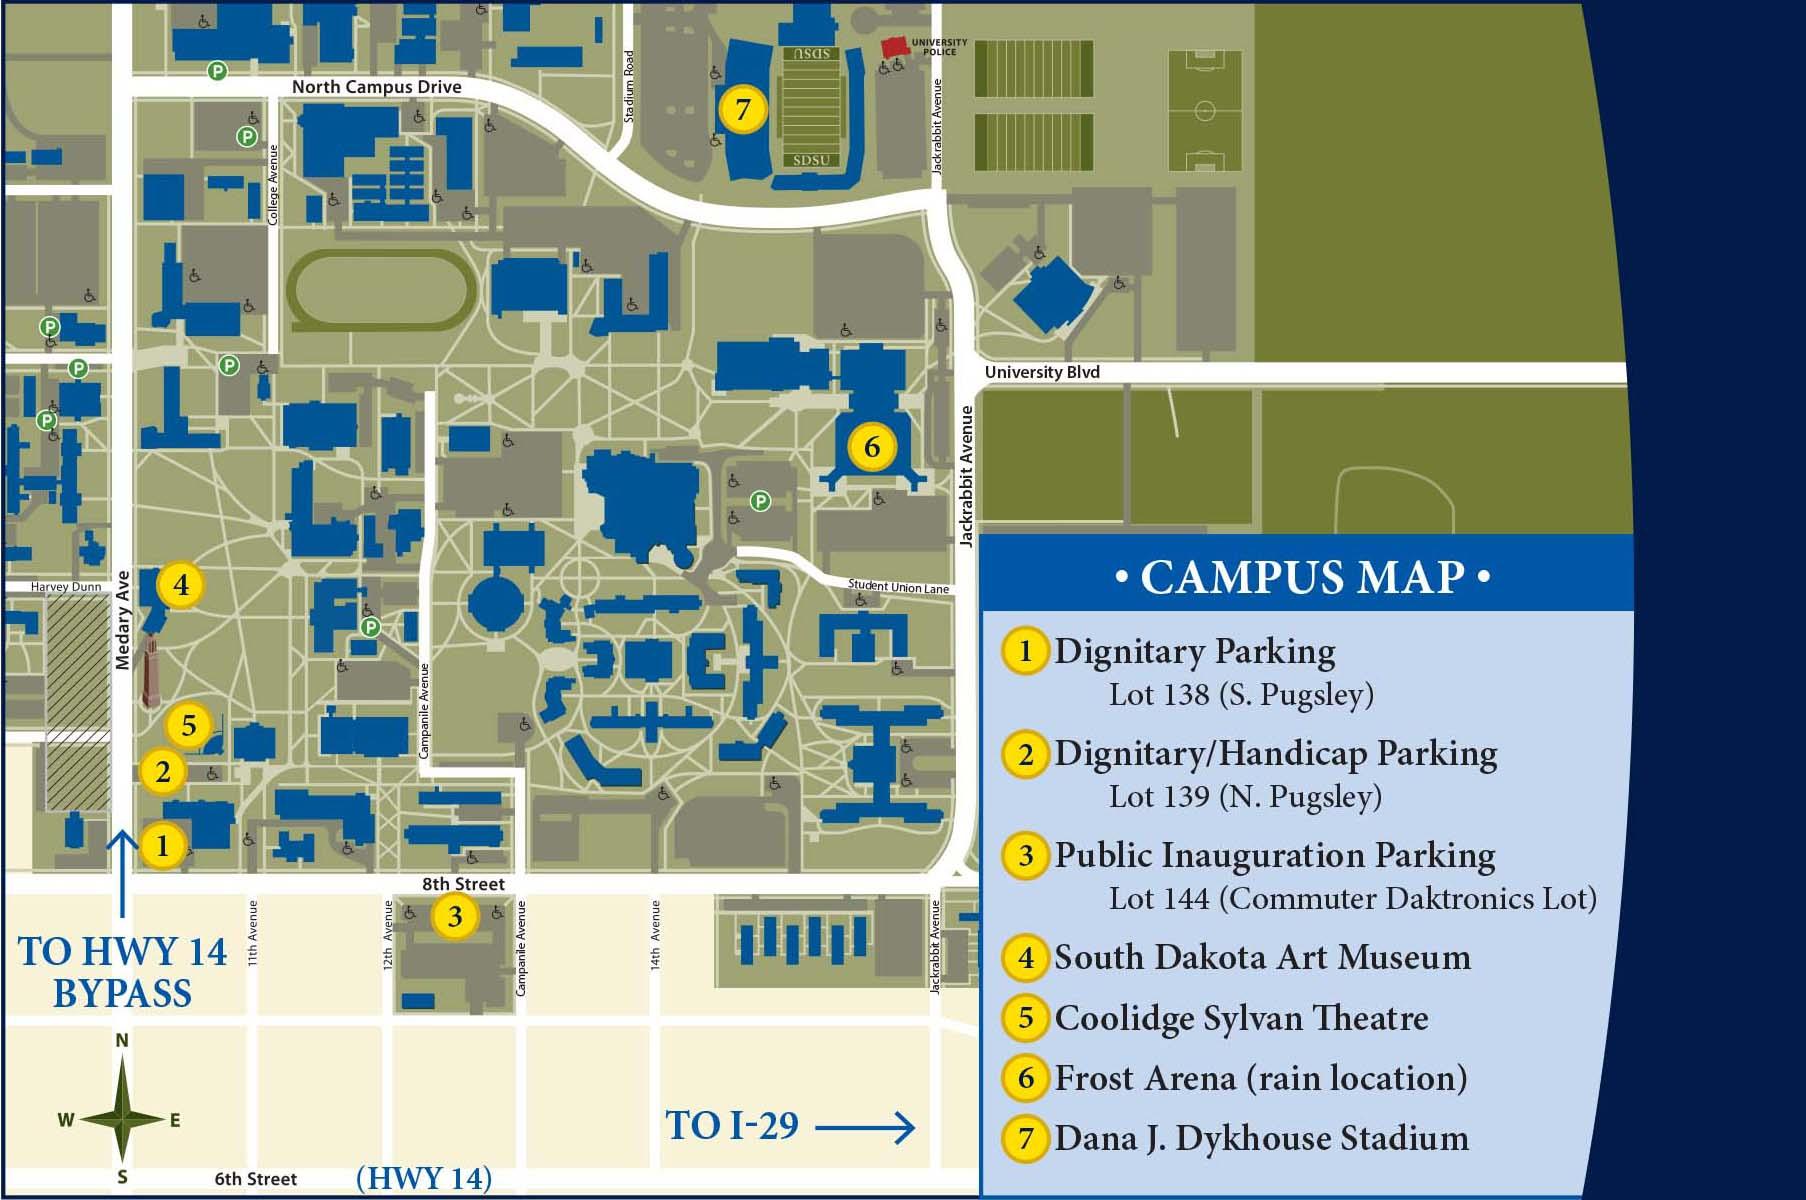 The Inaugural Celebration For Barry H. Dunn   South Dakota Intended For South Dakota State University 2020 Academic Calendar